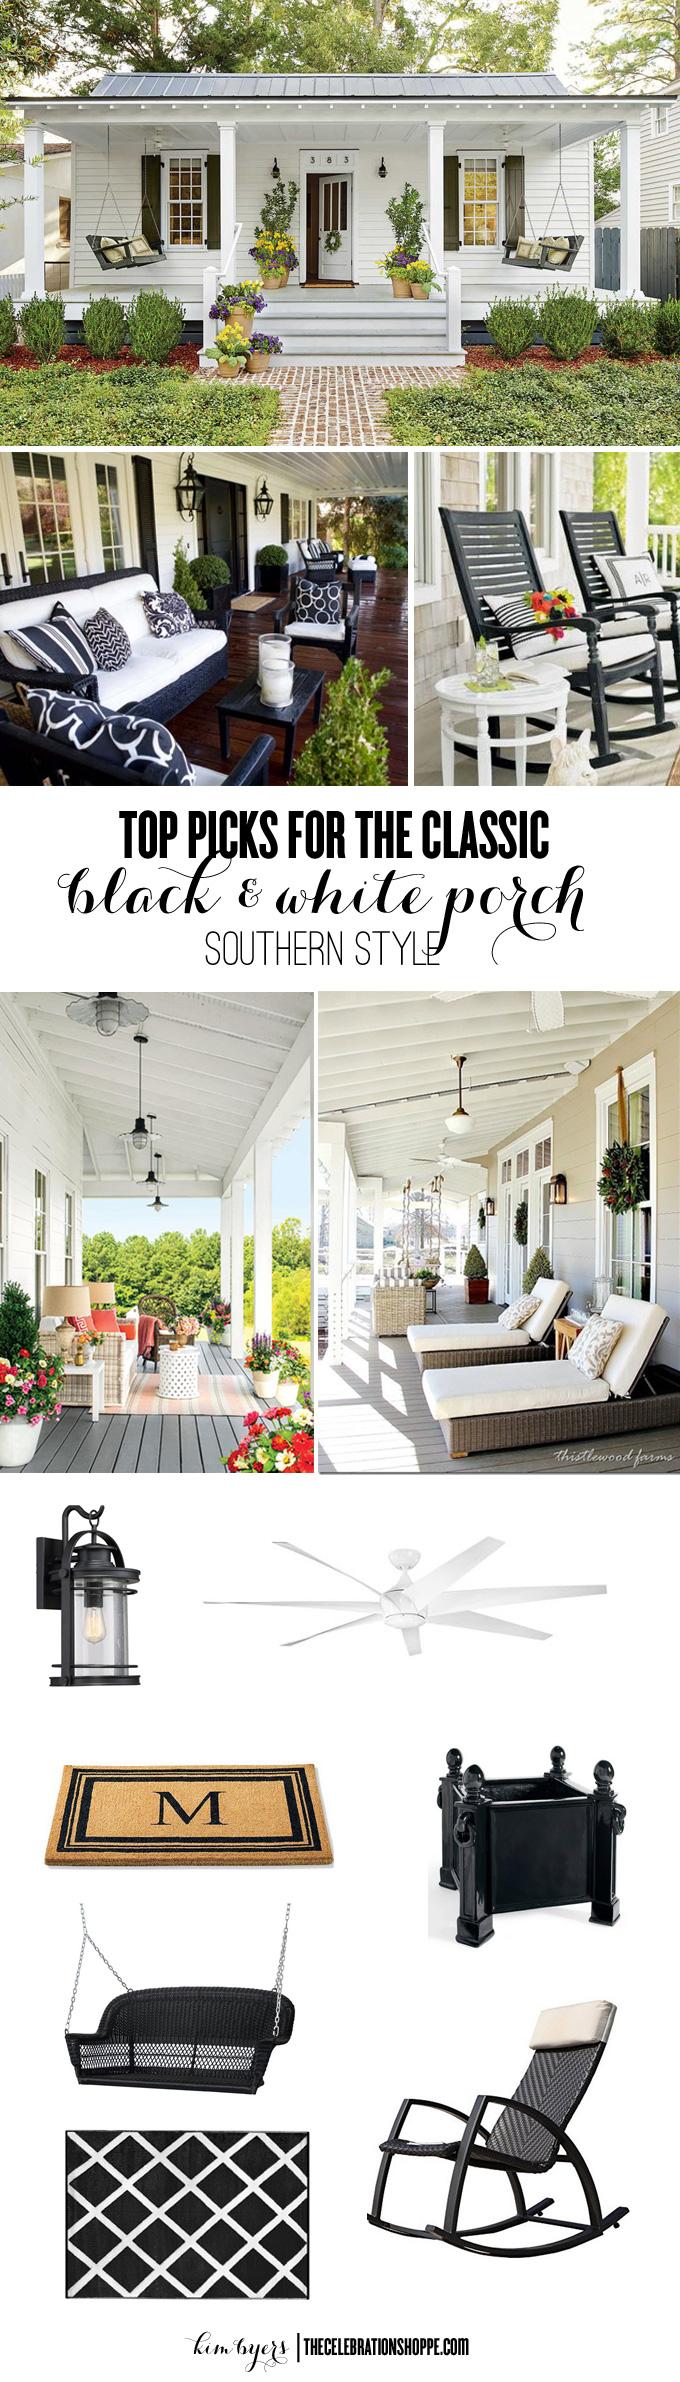 Black White Porch Picks For A Southern Home | Kim Byers